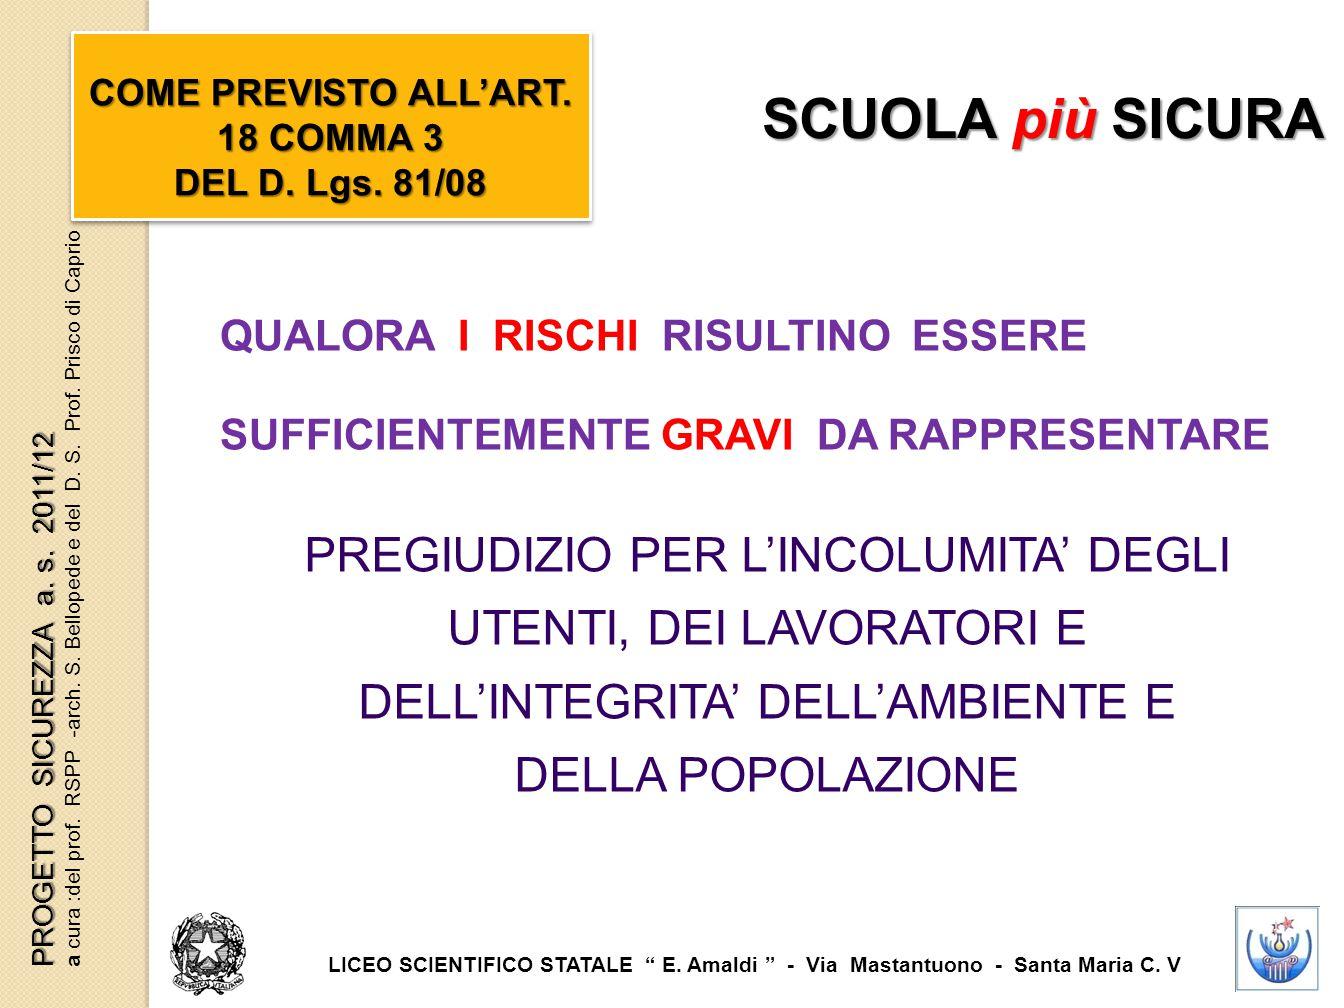 COME PREVISTO ALL'ART. 18 COMMA 3